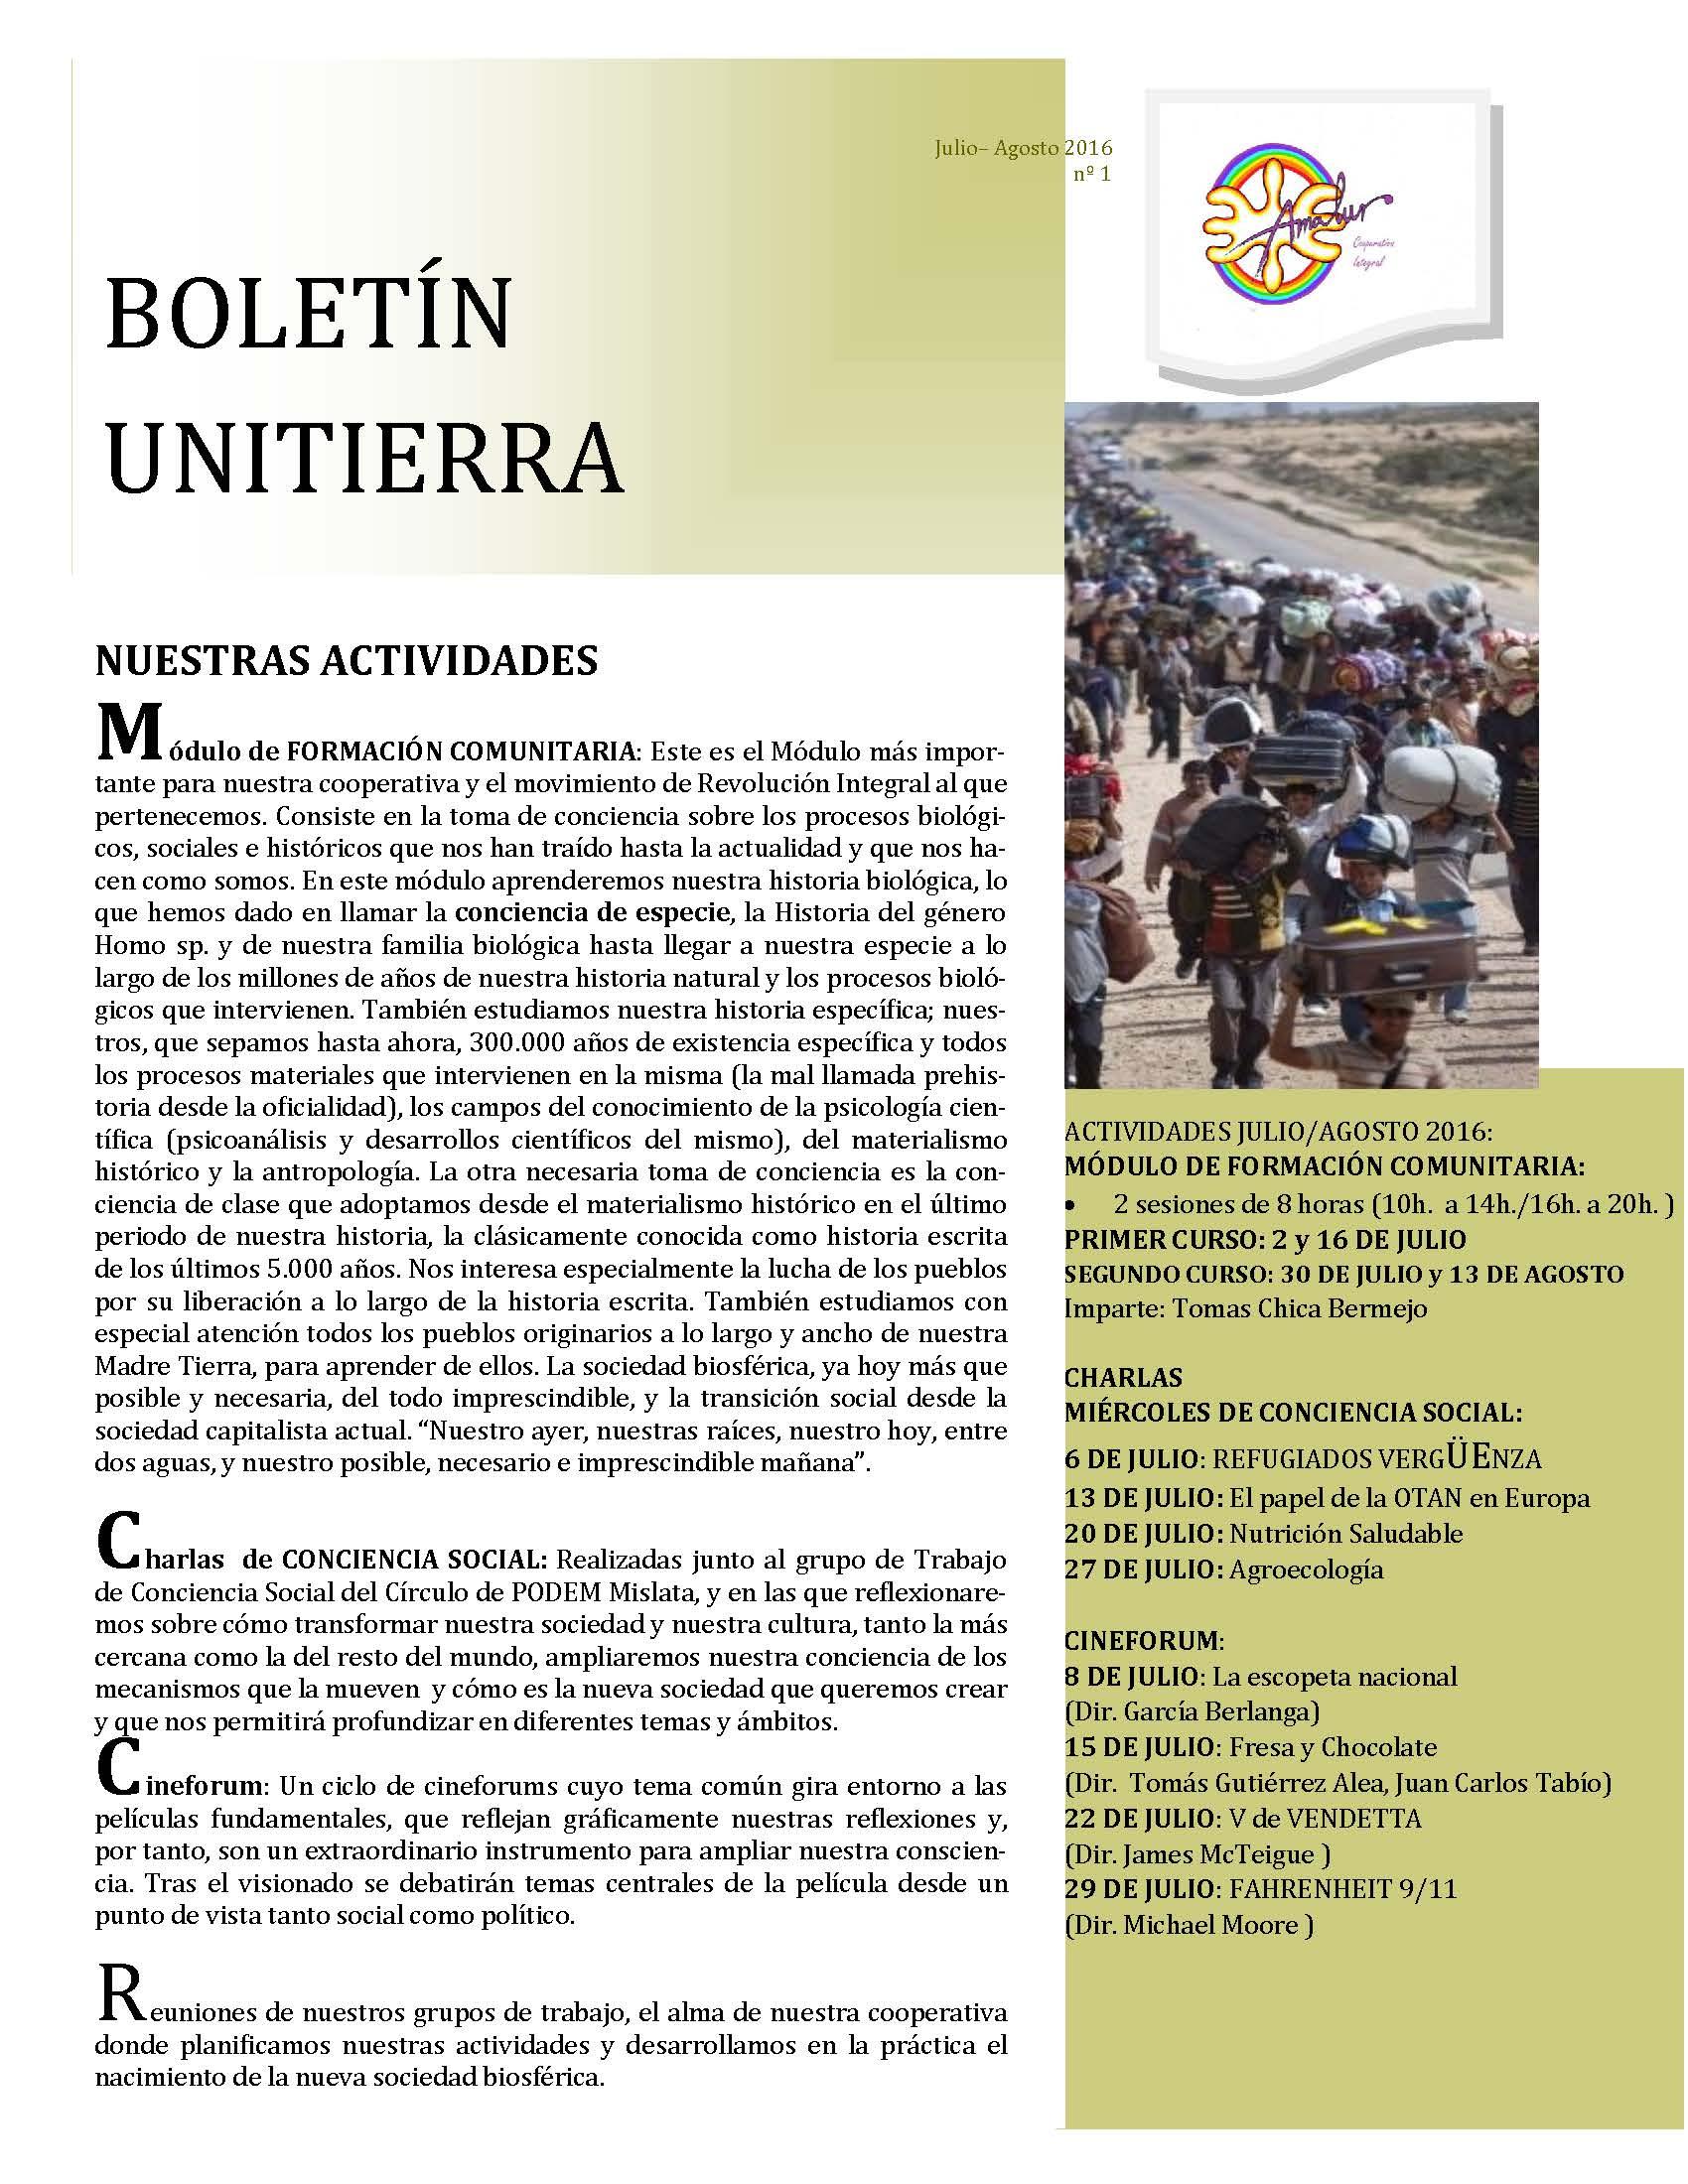 BOLETIN UNITIERRA_Page_1